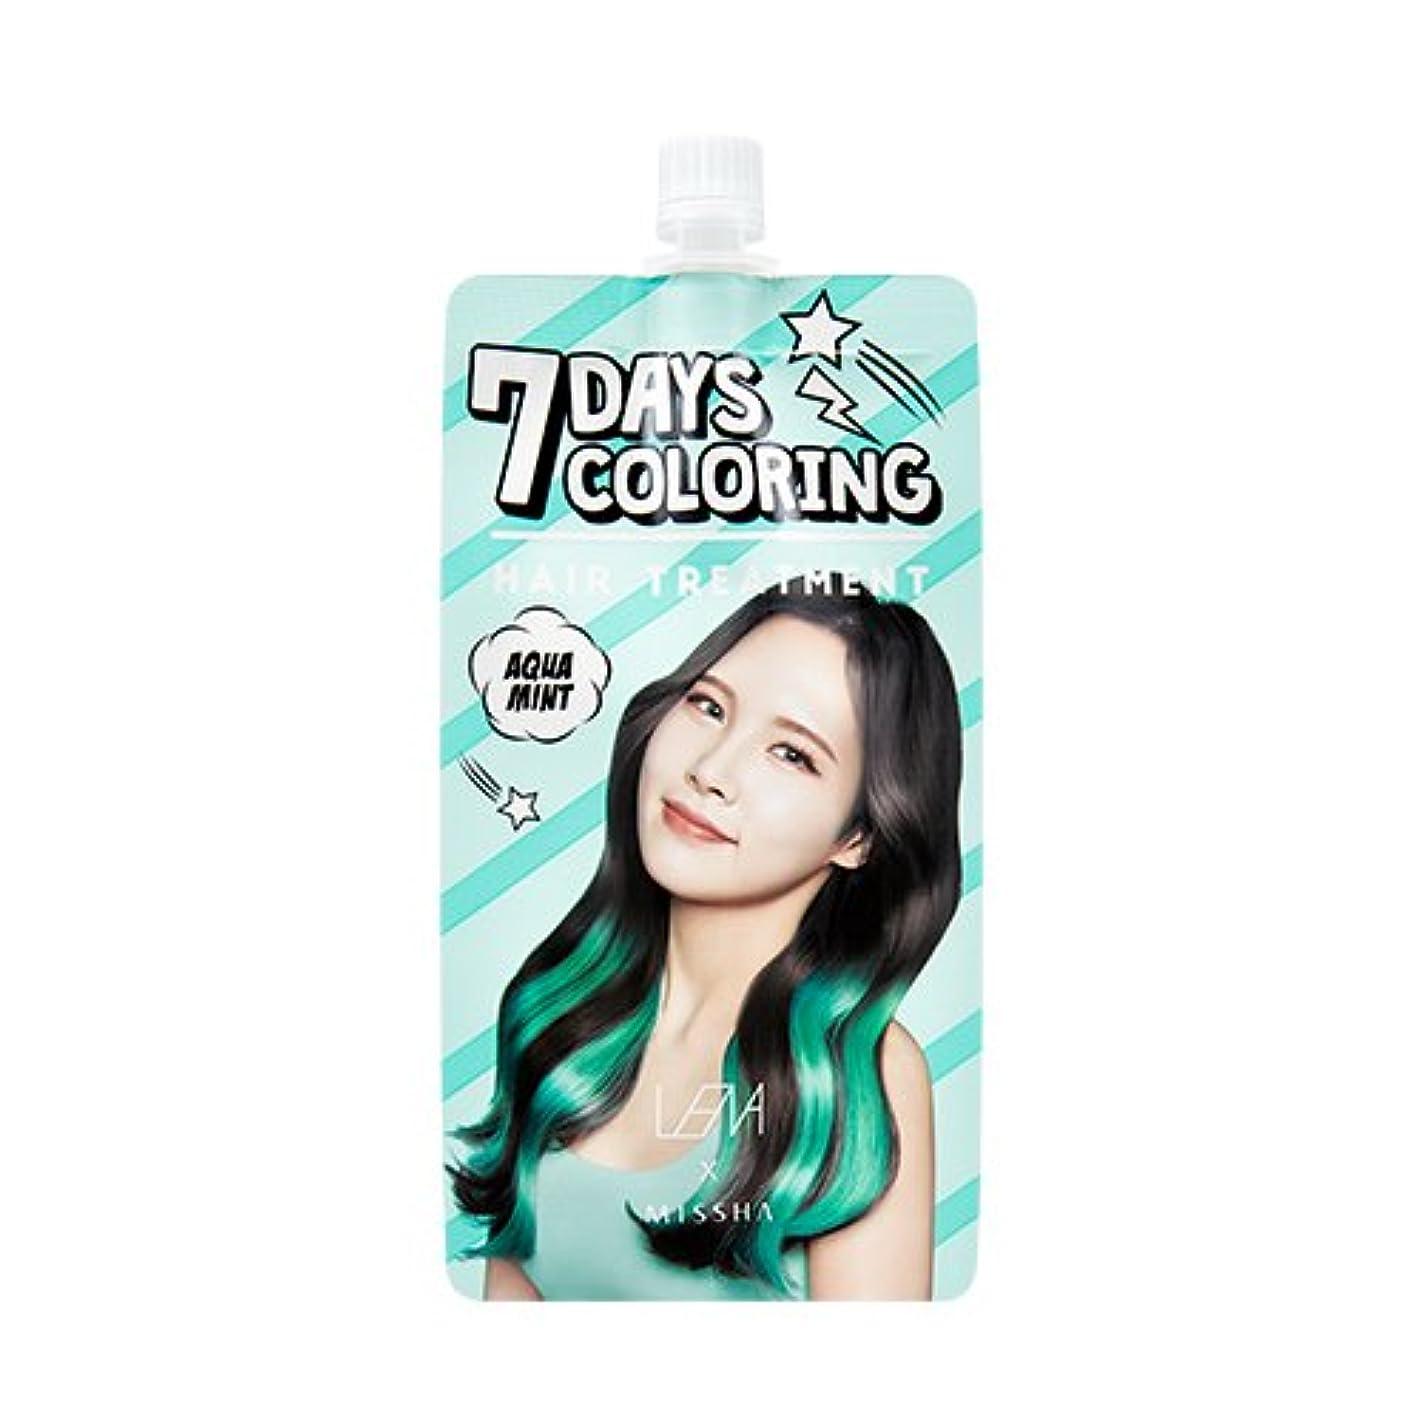 カフェテリア打ち負かすとんでもないMISSHA Seven Days Coloring Hair Treatment #Aquamint -LENA Edition /ミシャ セブンデイズカラーリングヘアトリートメント - レナエディション (アクアミント...